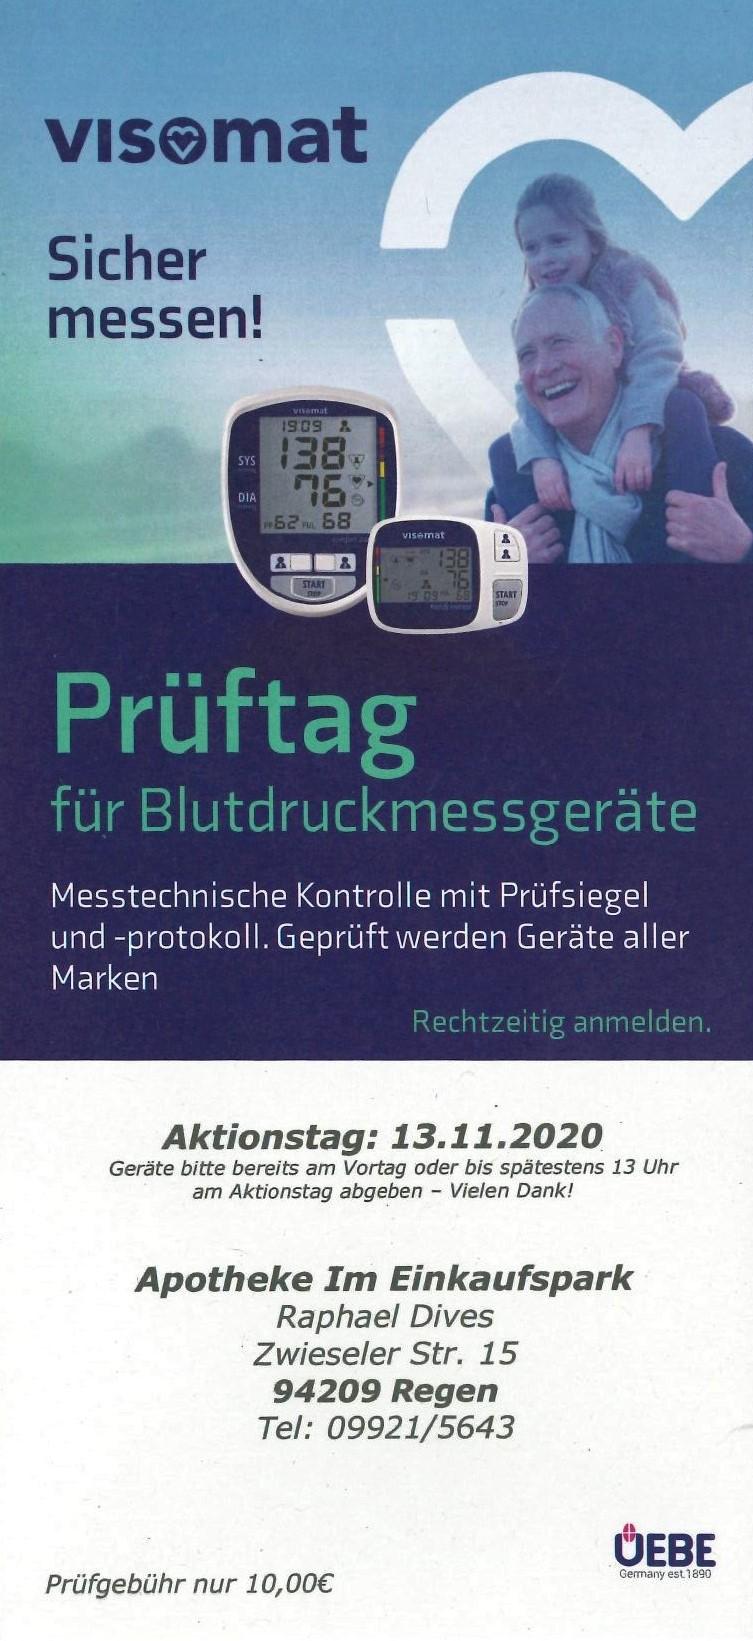 Prüftag für Blutdruckmessgeräte